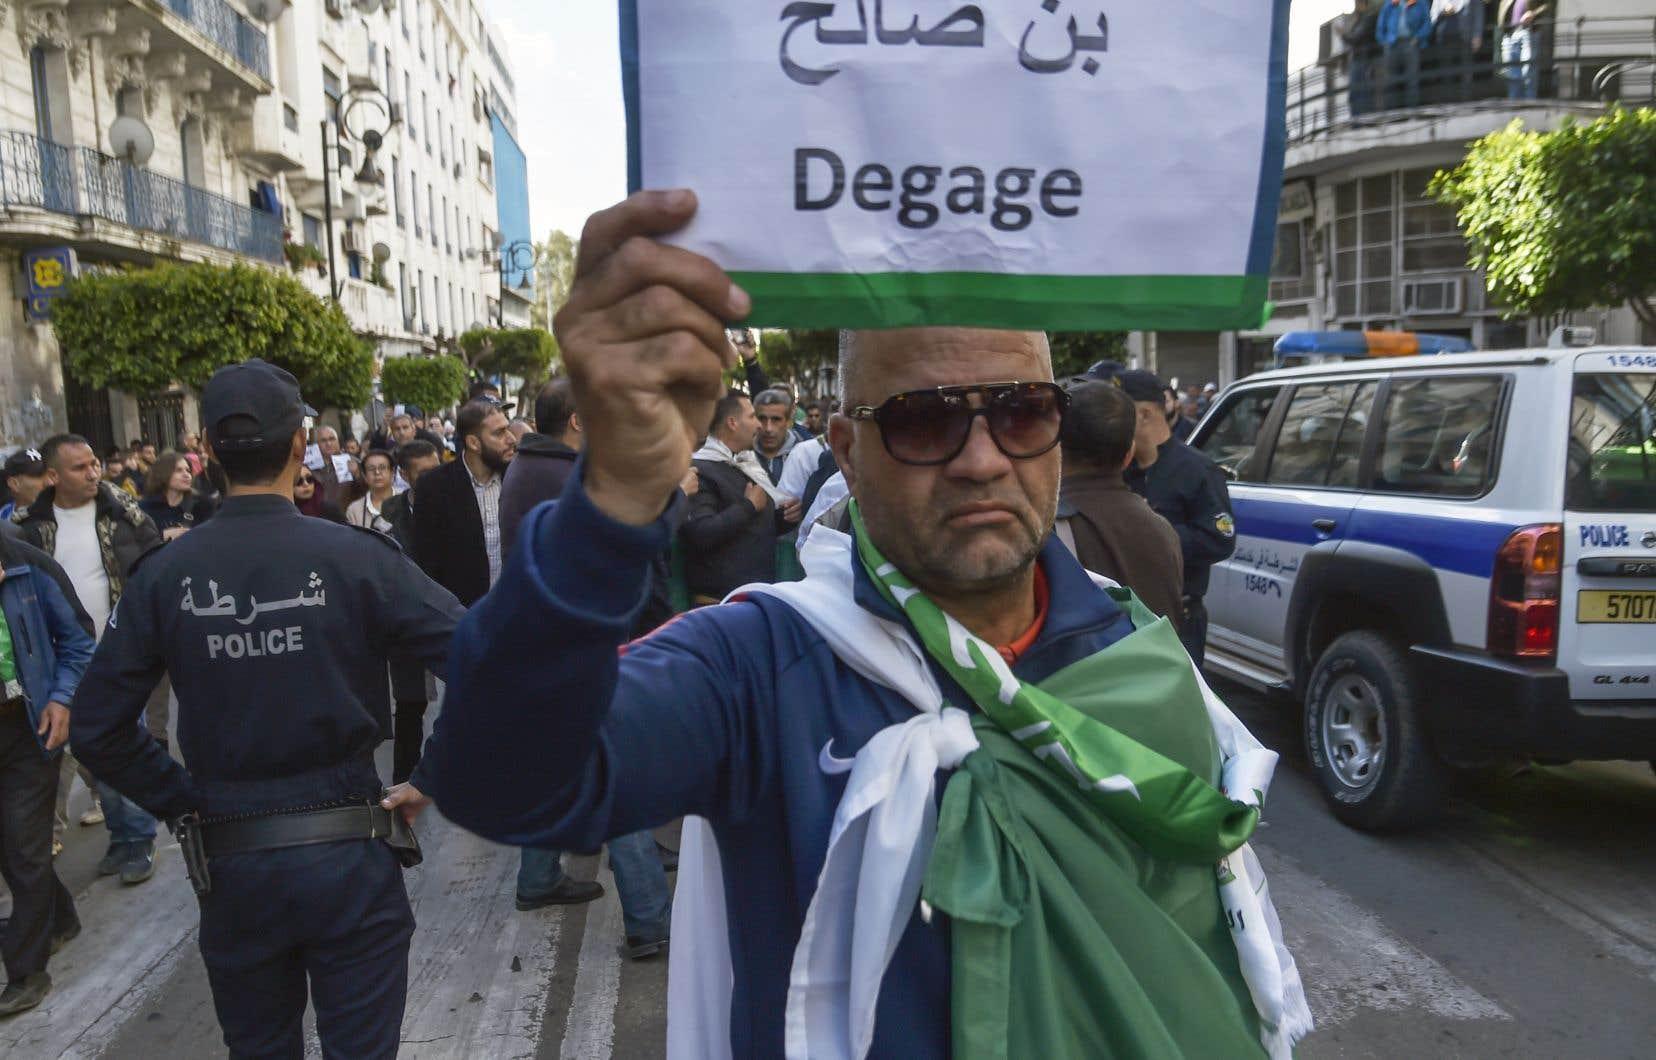 Des milliers de manifestants, gardés par un important dispositif policier, se sont à nouveau rassemblés à Alger, le mercredi 10 avril.